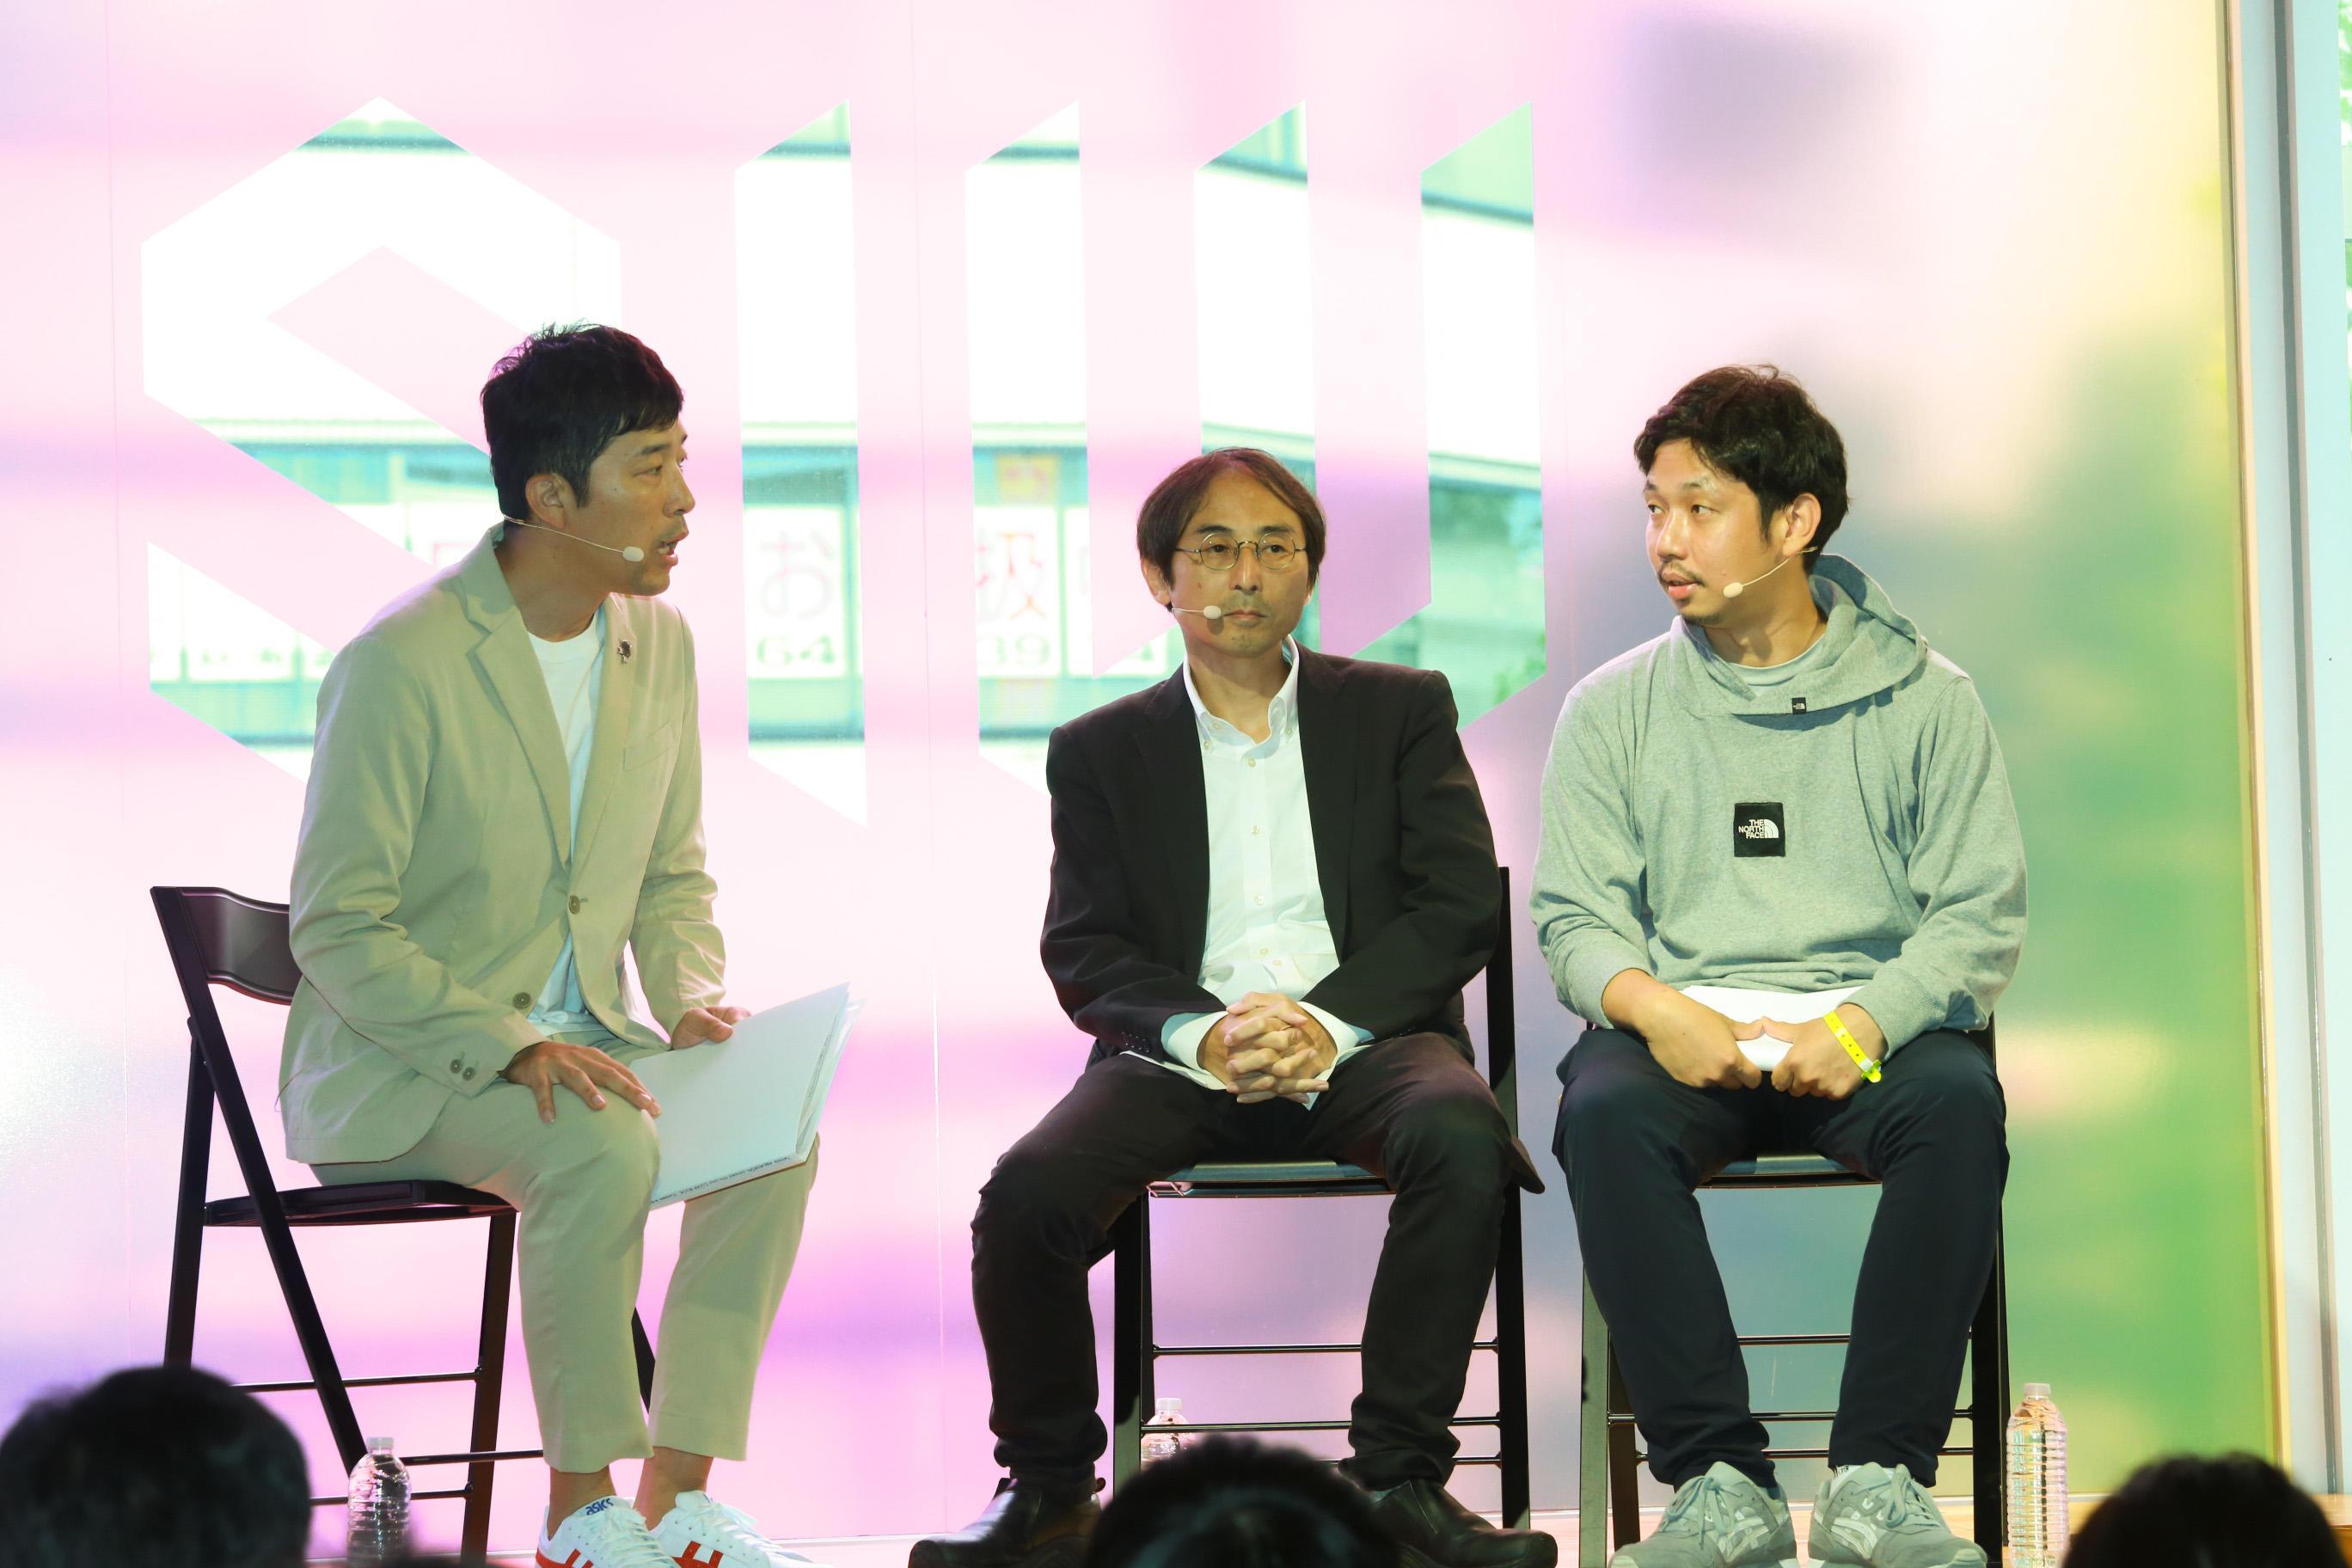 http://news.yoshimoto.co.jp/20180916183241-b1adcf7b6c073fd8ff3fc1b83729a52e76360ecb.jpg